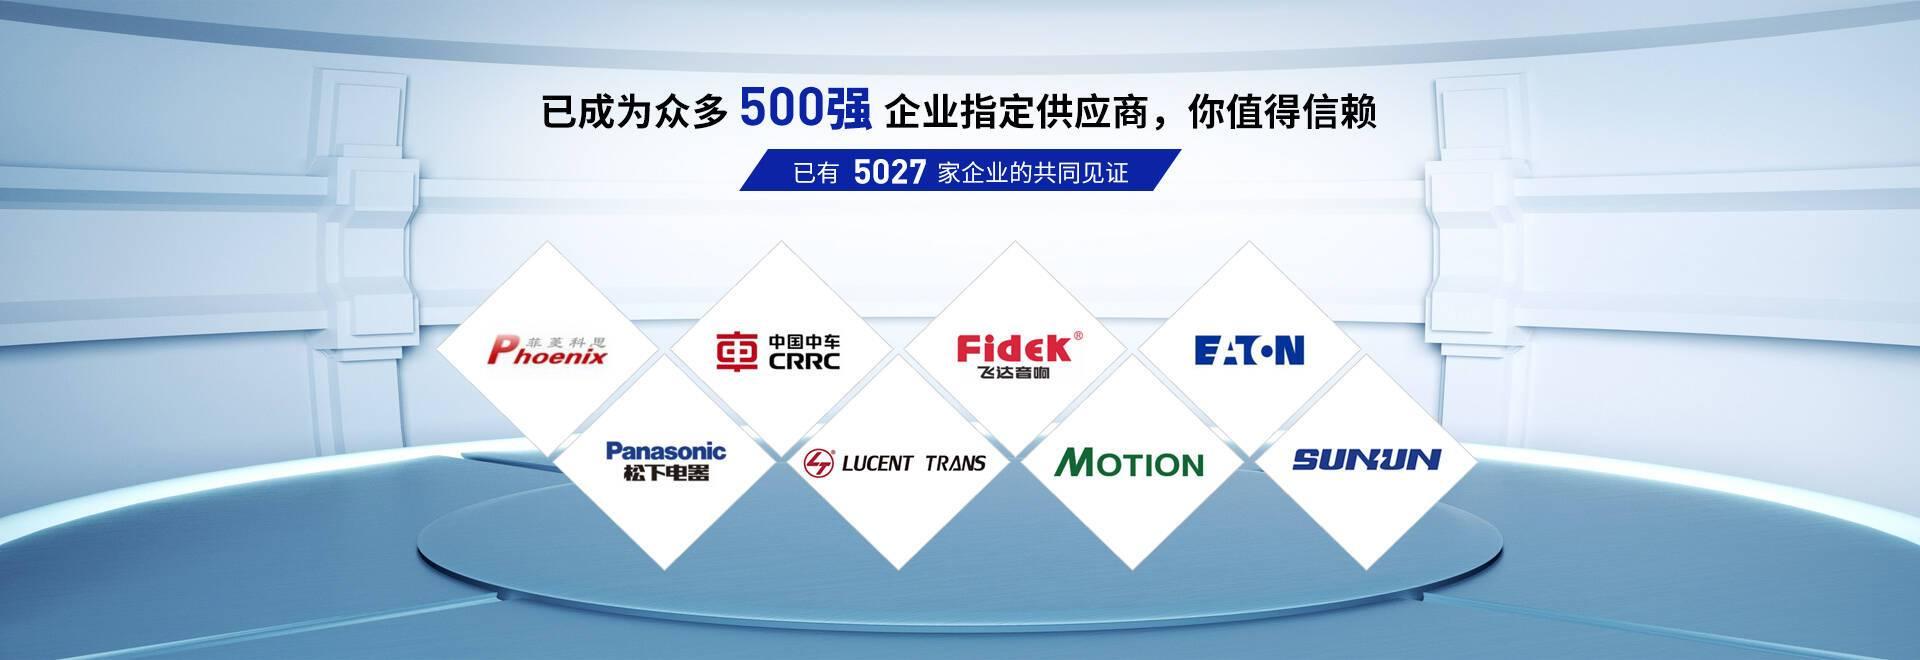 星威已成为众多500强企业指定供应商,值得你的信赖